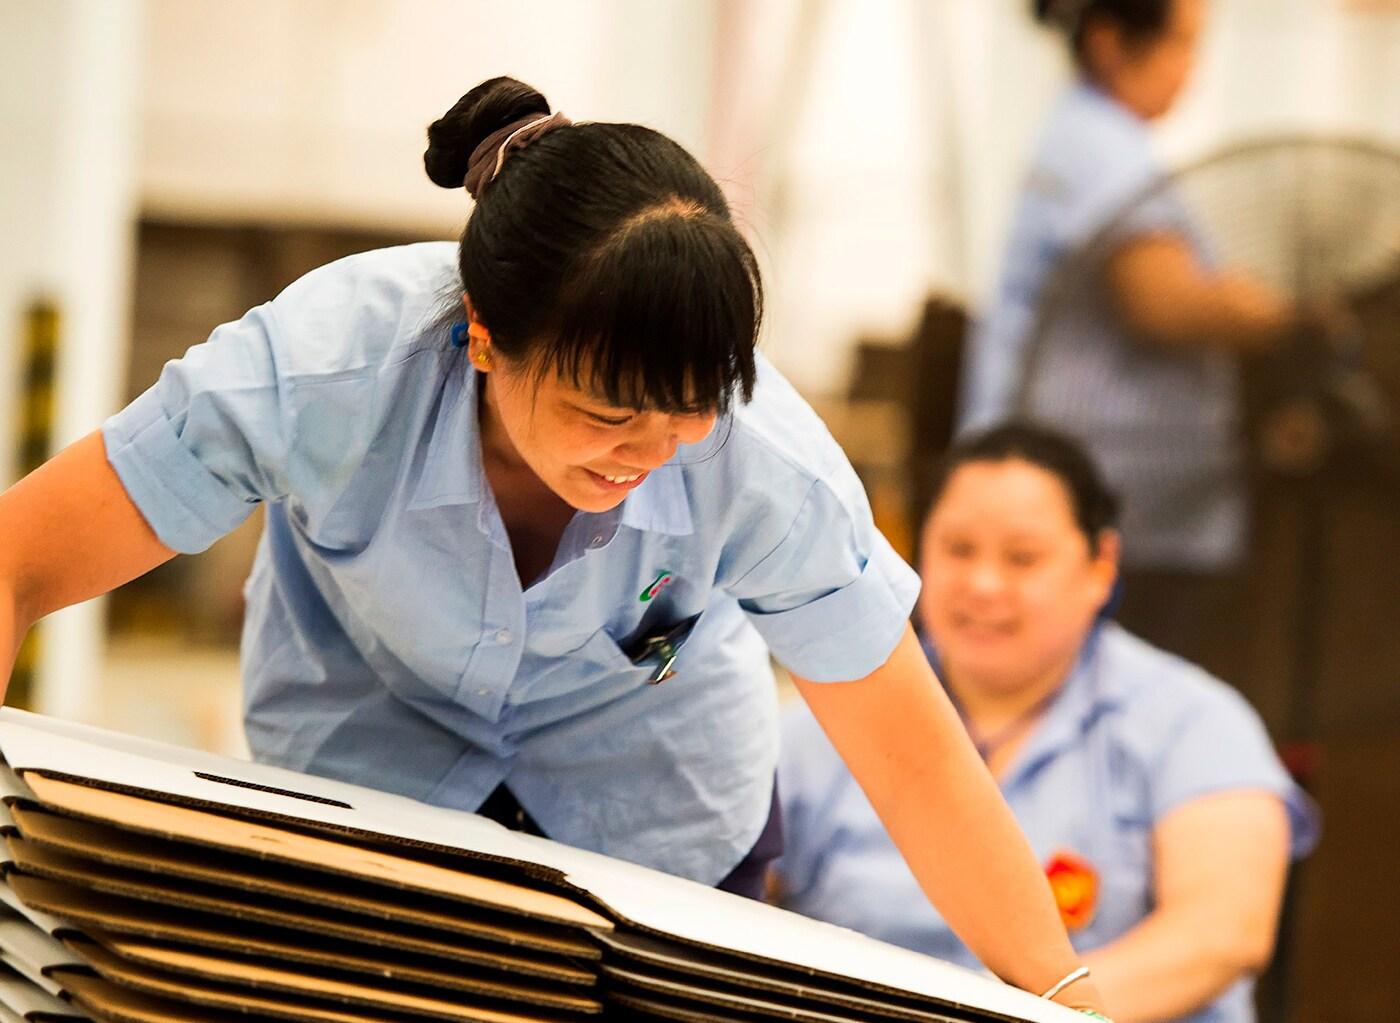 Mosolygó nő dolgozik egy IKEA beszállítónál, kartondobozokat emel.